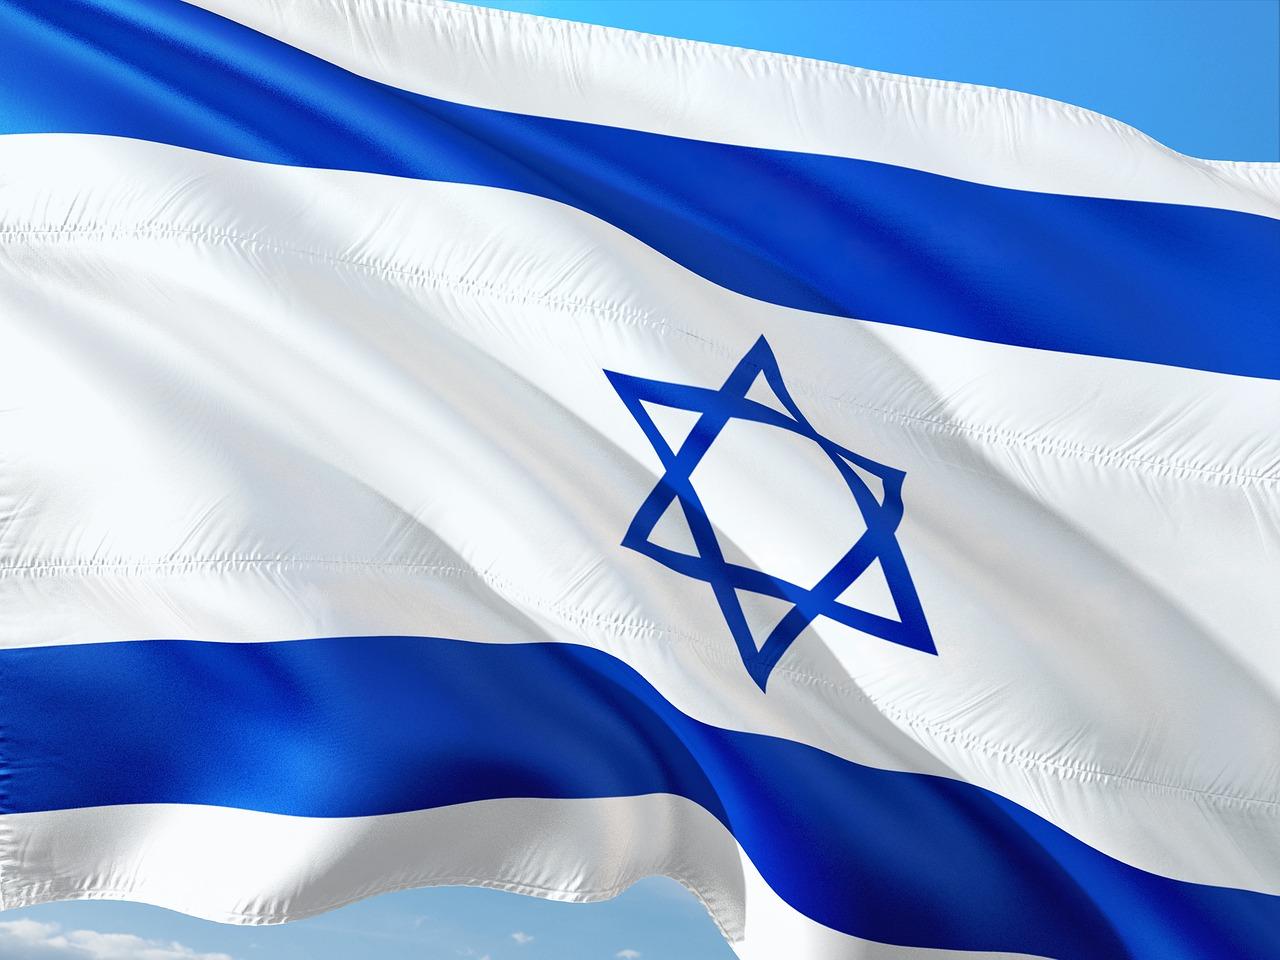 Wybierasz się do Izraelu? Dowiedz się na jakie ubezpieczenie się zdecydować